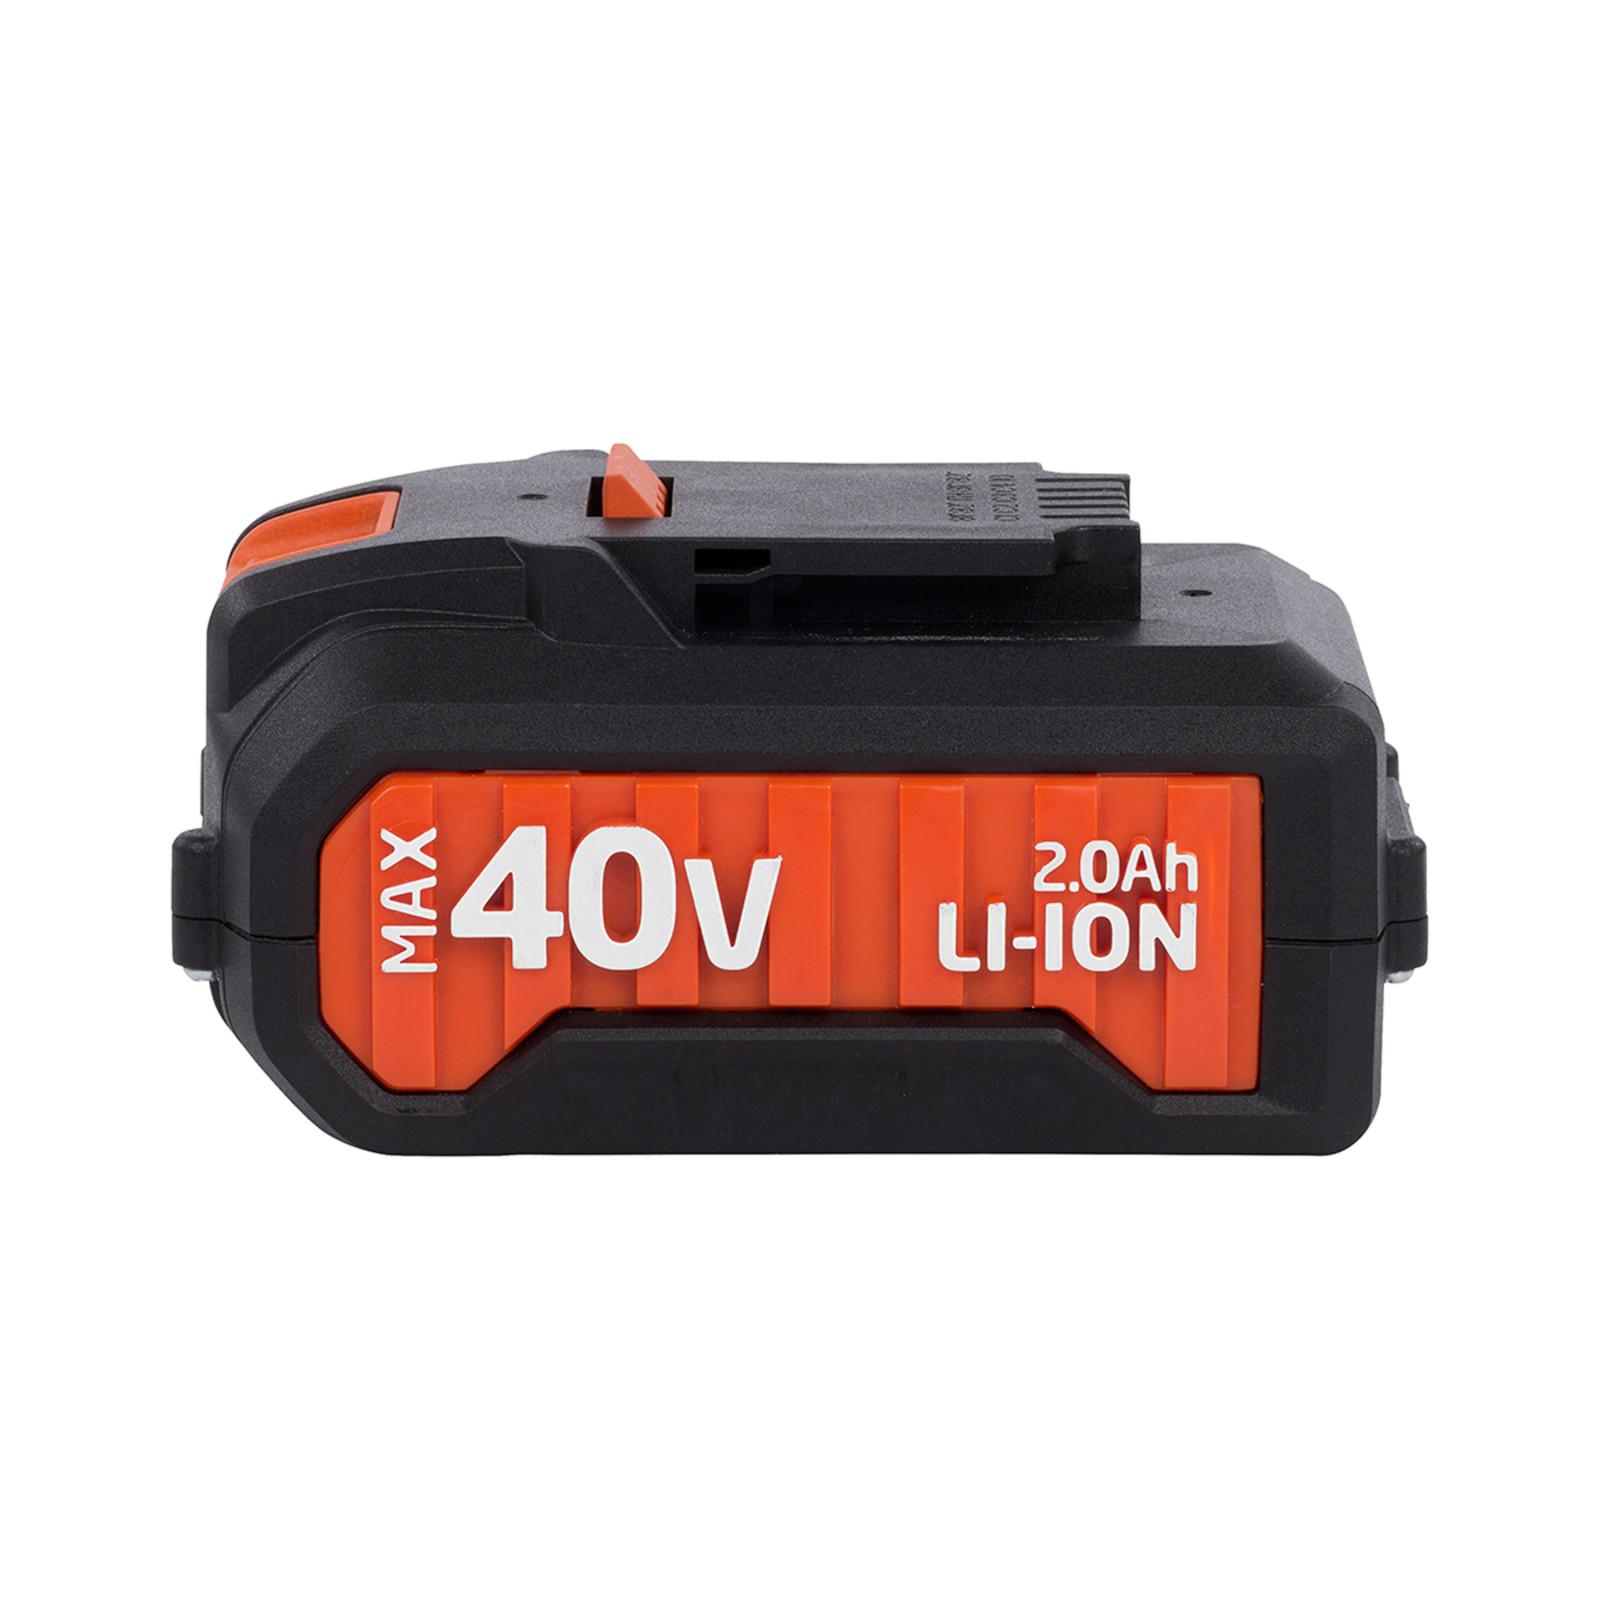 Powerplus Dual Power 40v Li-Ion Battery & Charger POWDPG9065